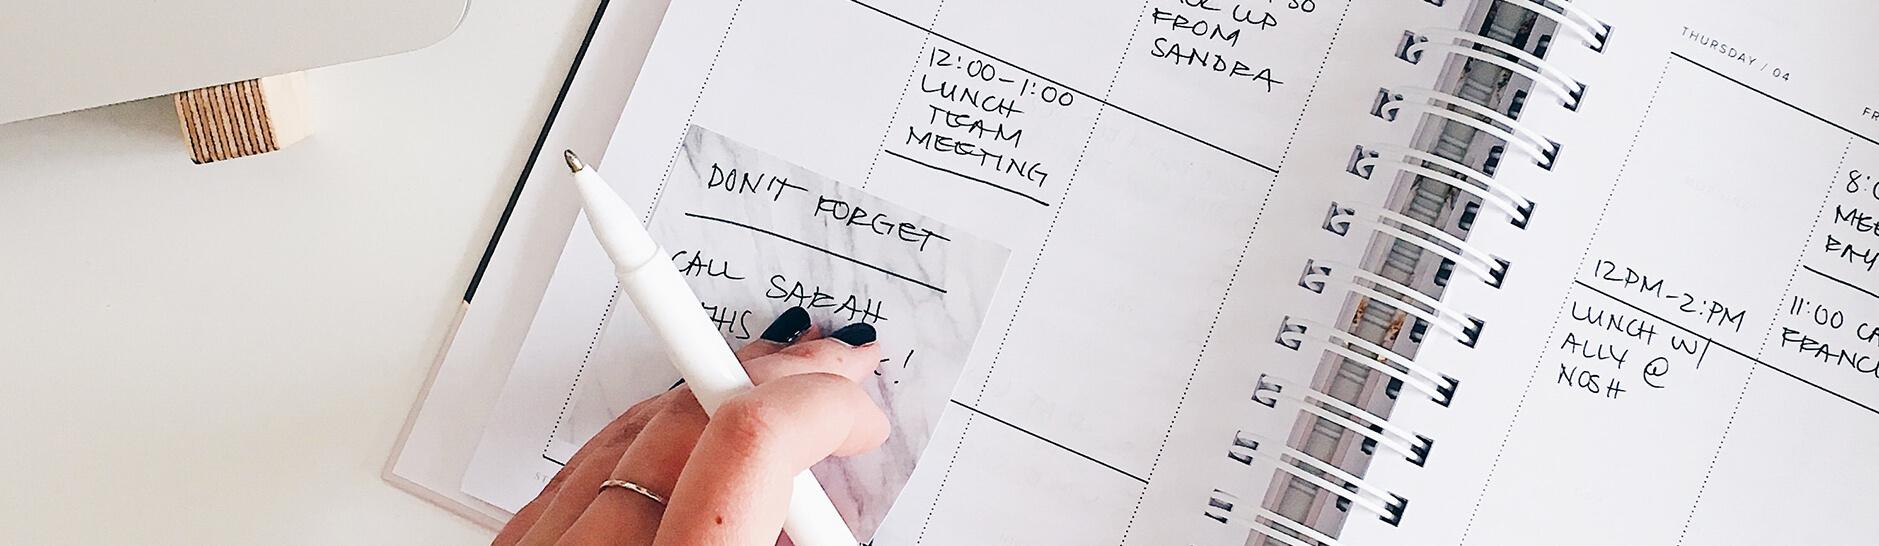 Planificadores de tareas: ¿Por qué los necesitas?